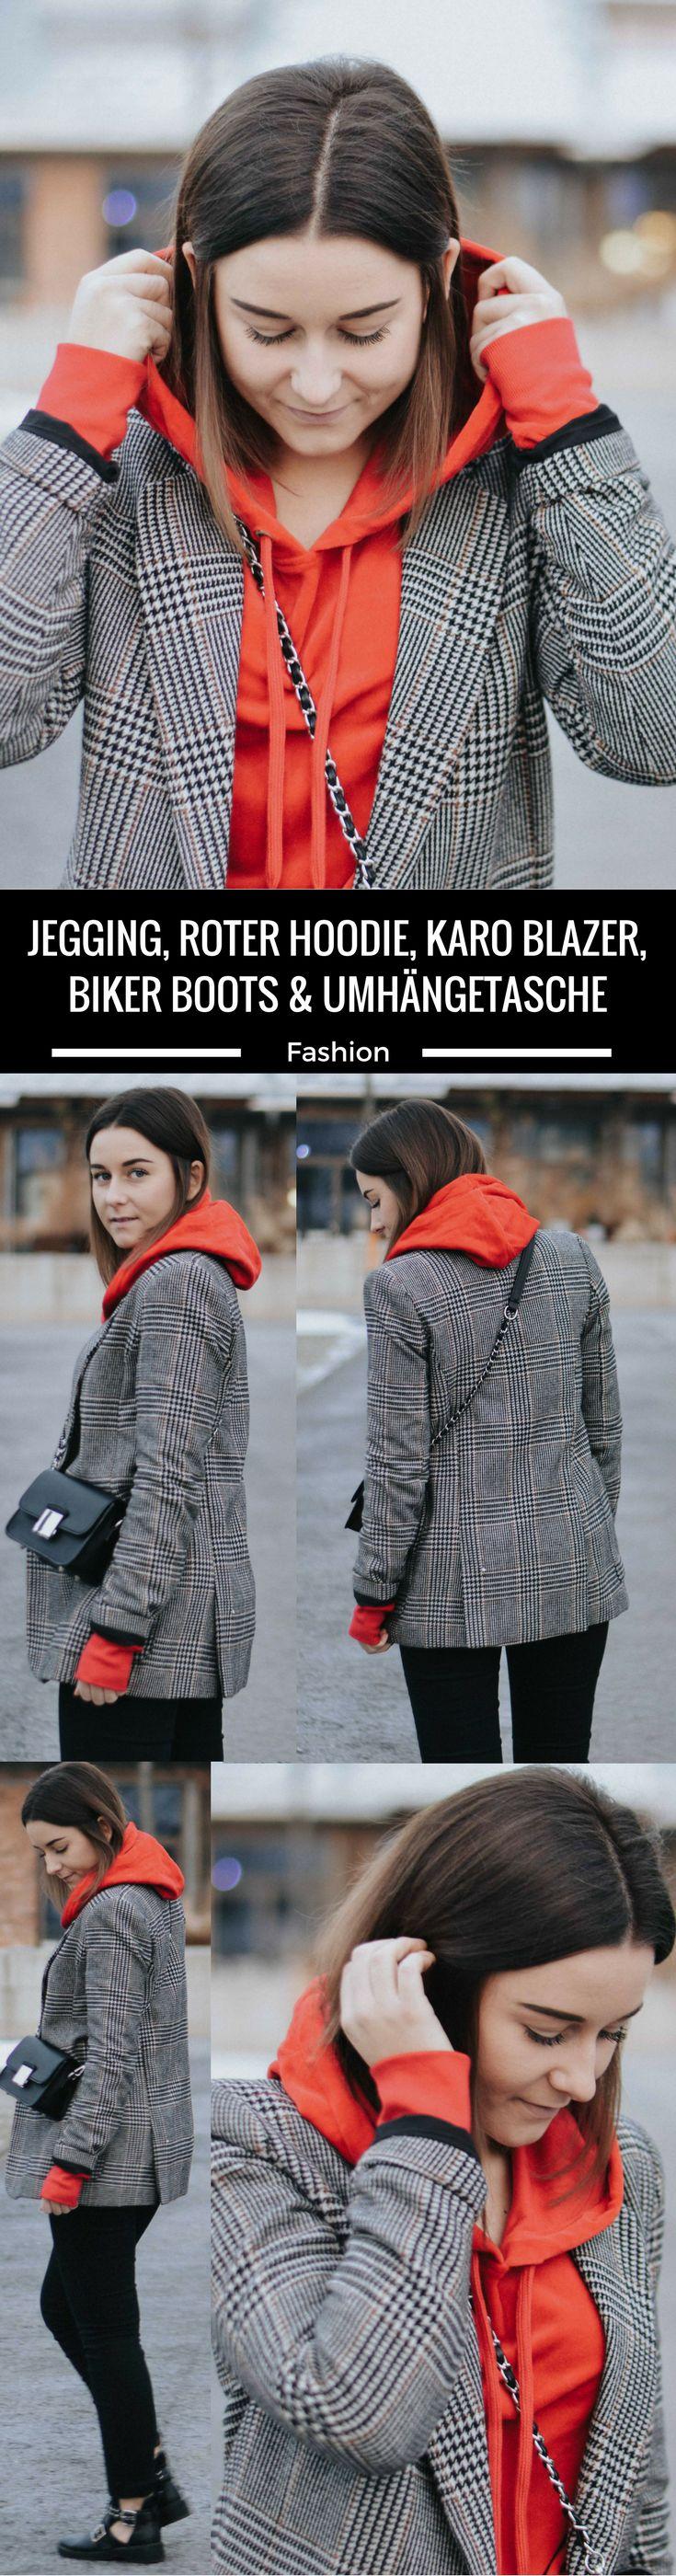 Jegging, roter Hoodie, Karo Blazer, Biker Boots & Umhängetasche